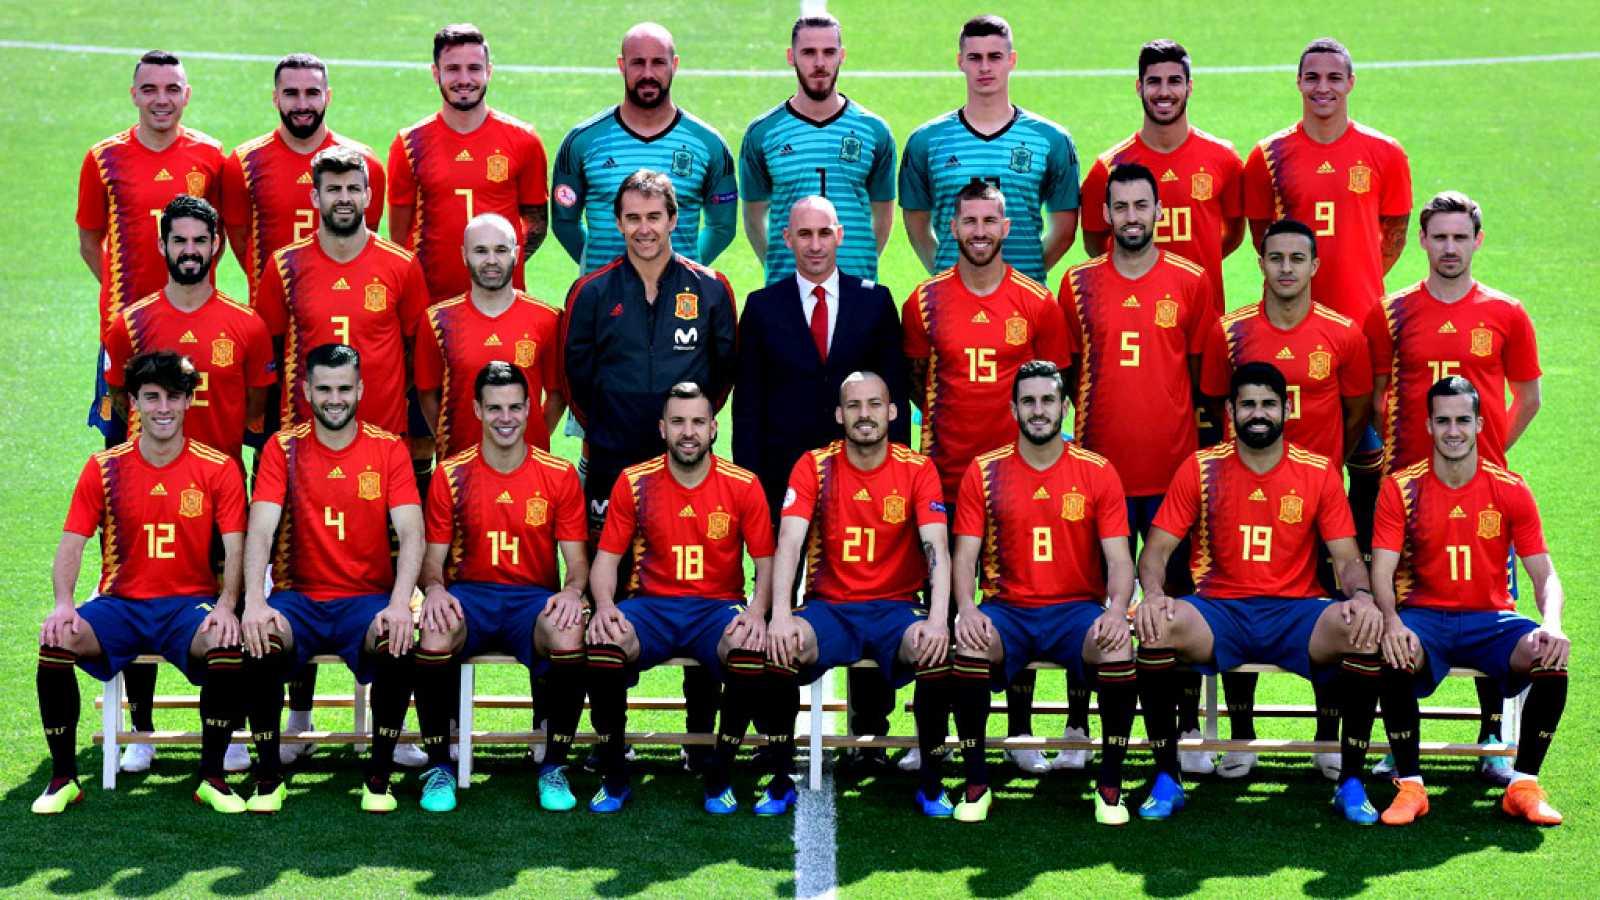 La selección española al completo ha tenido una mañana de compromisos reglamentarios en la previa de un Mundial: foto oficial, controles antidopaje de la FIFA, entrenamiento y acabaron la jornada matinal recibiendo la visita del presidente del Gobier